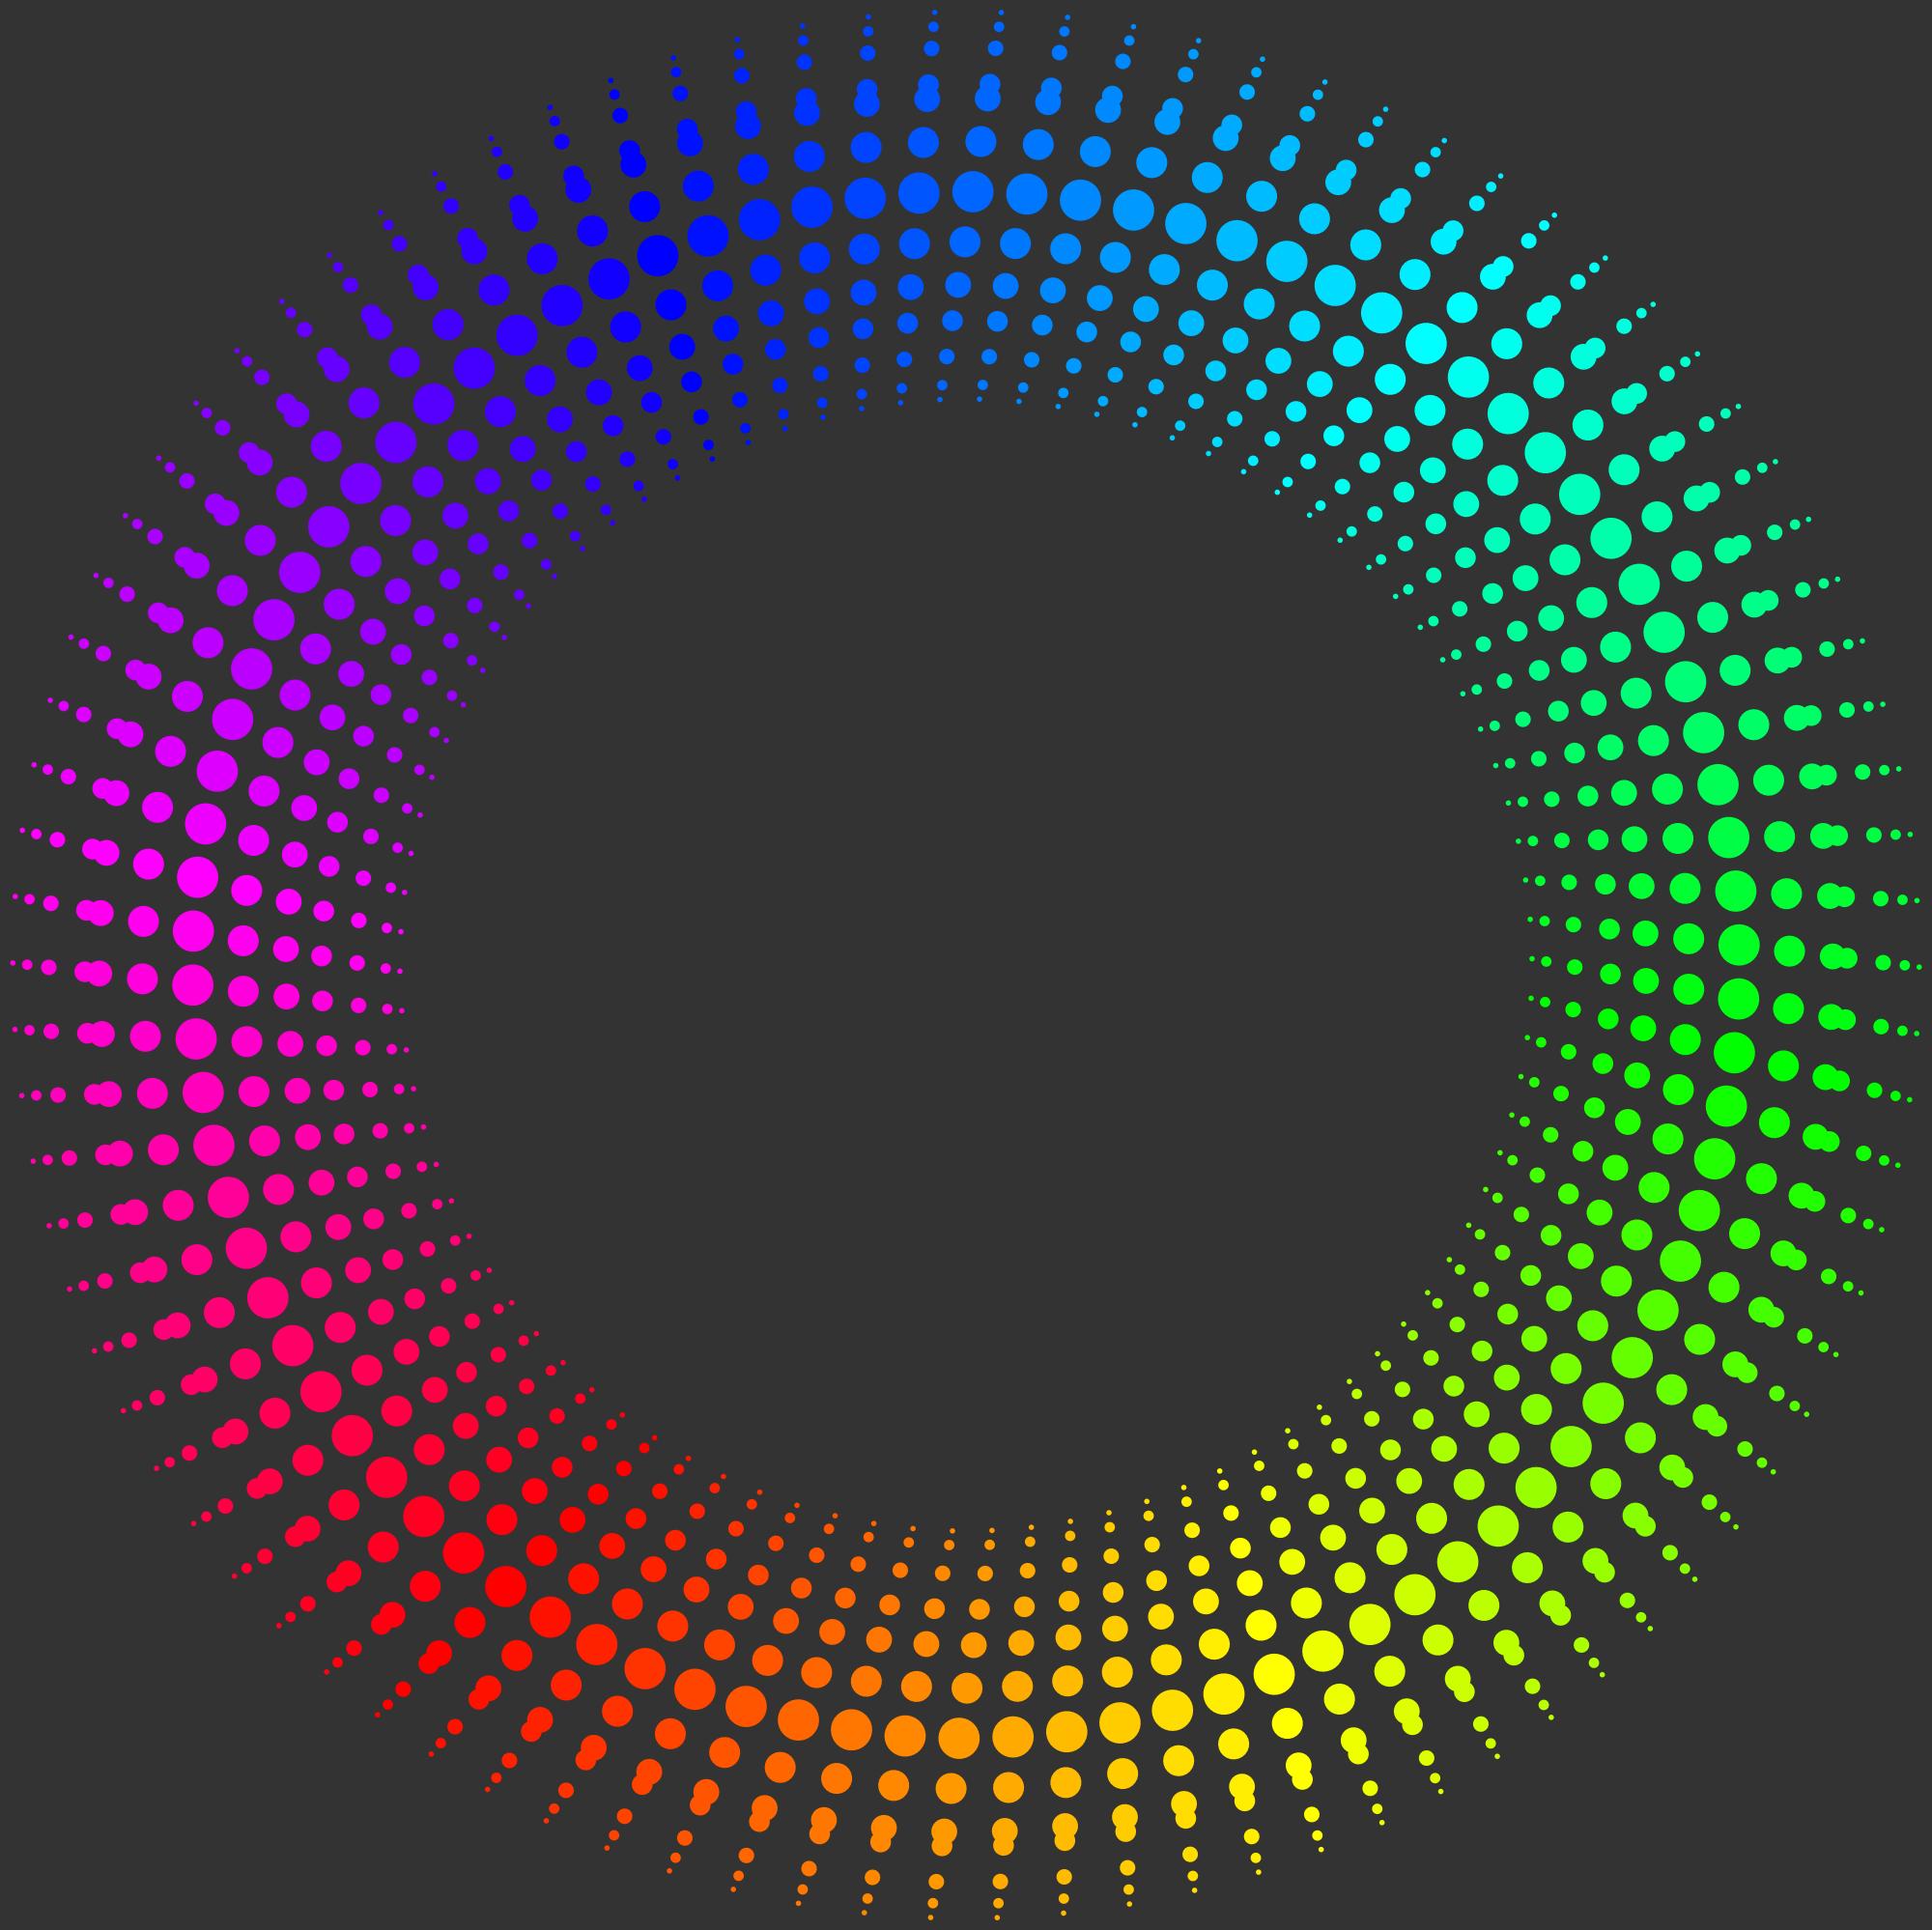 Mẫu hình tròn 3d đẹp